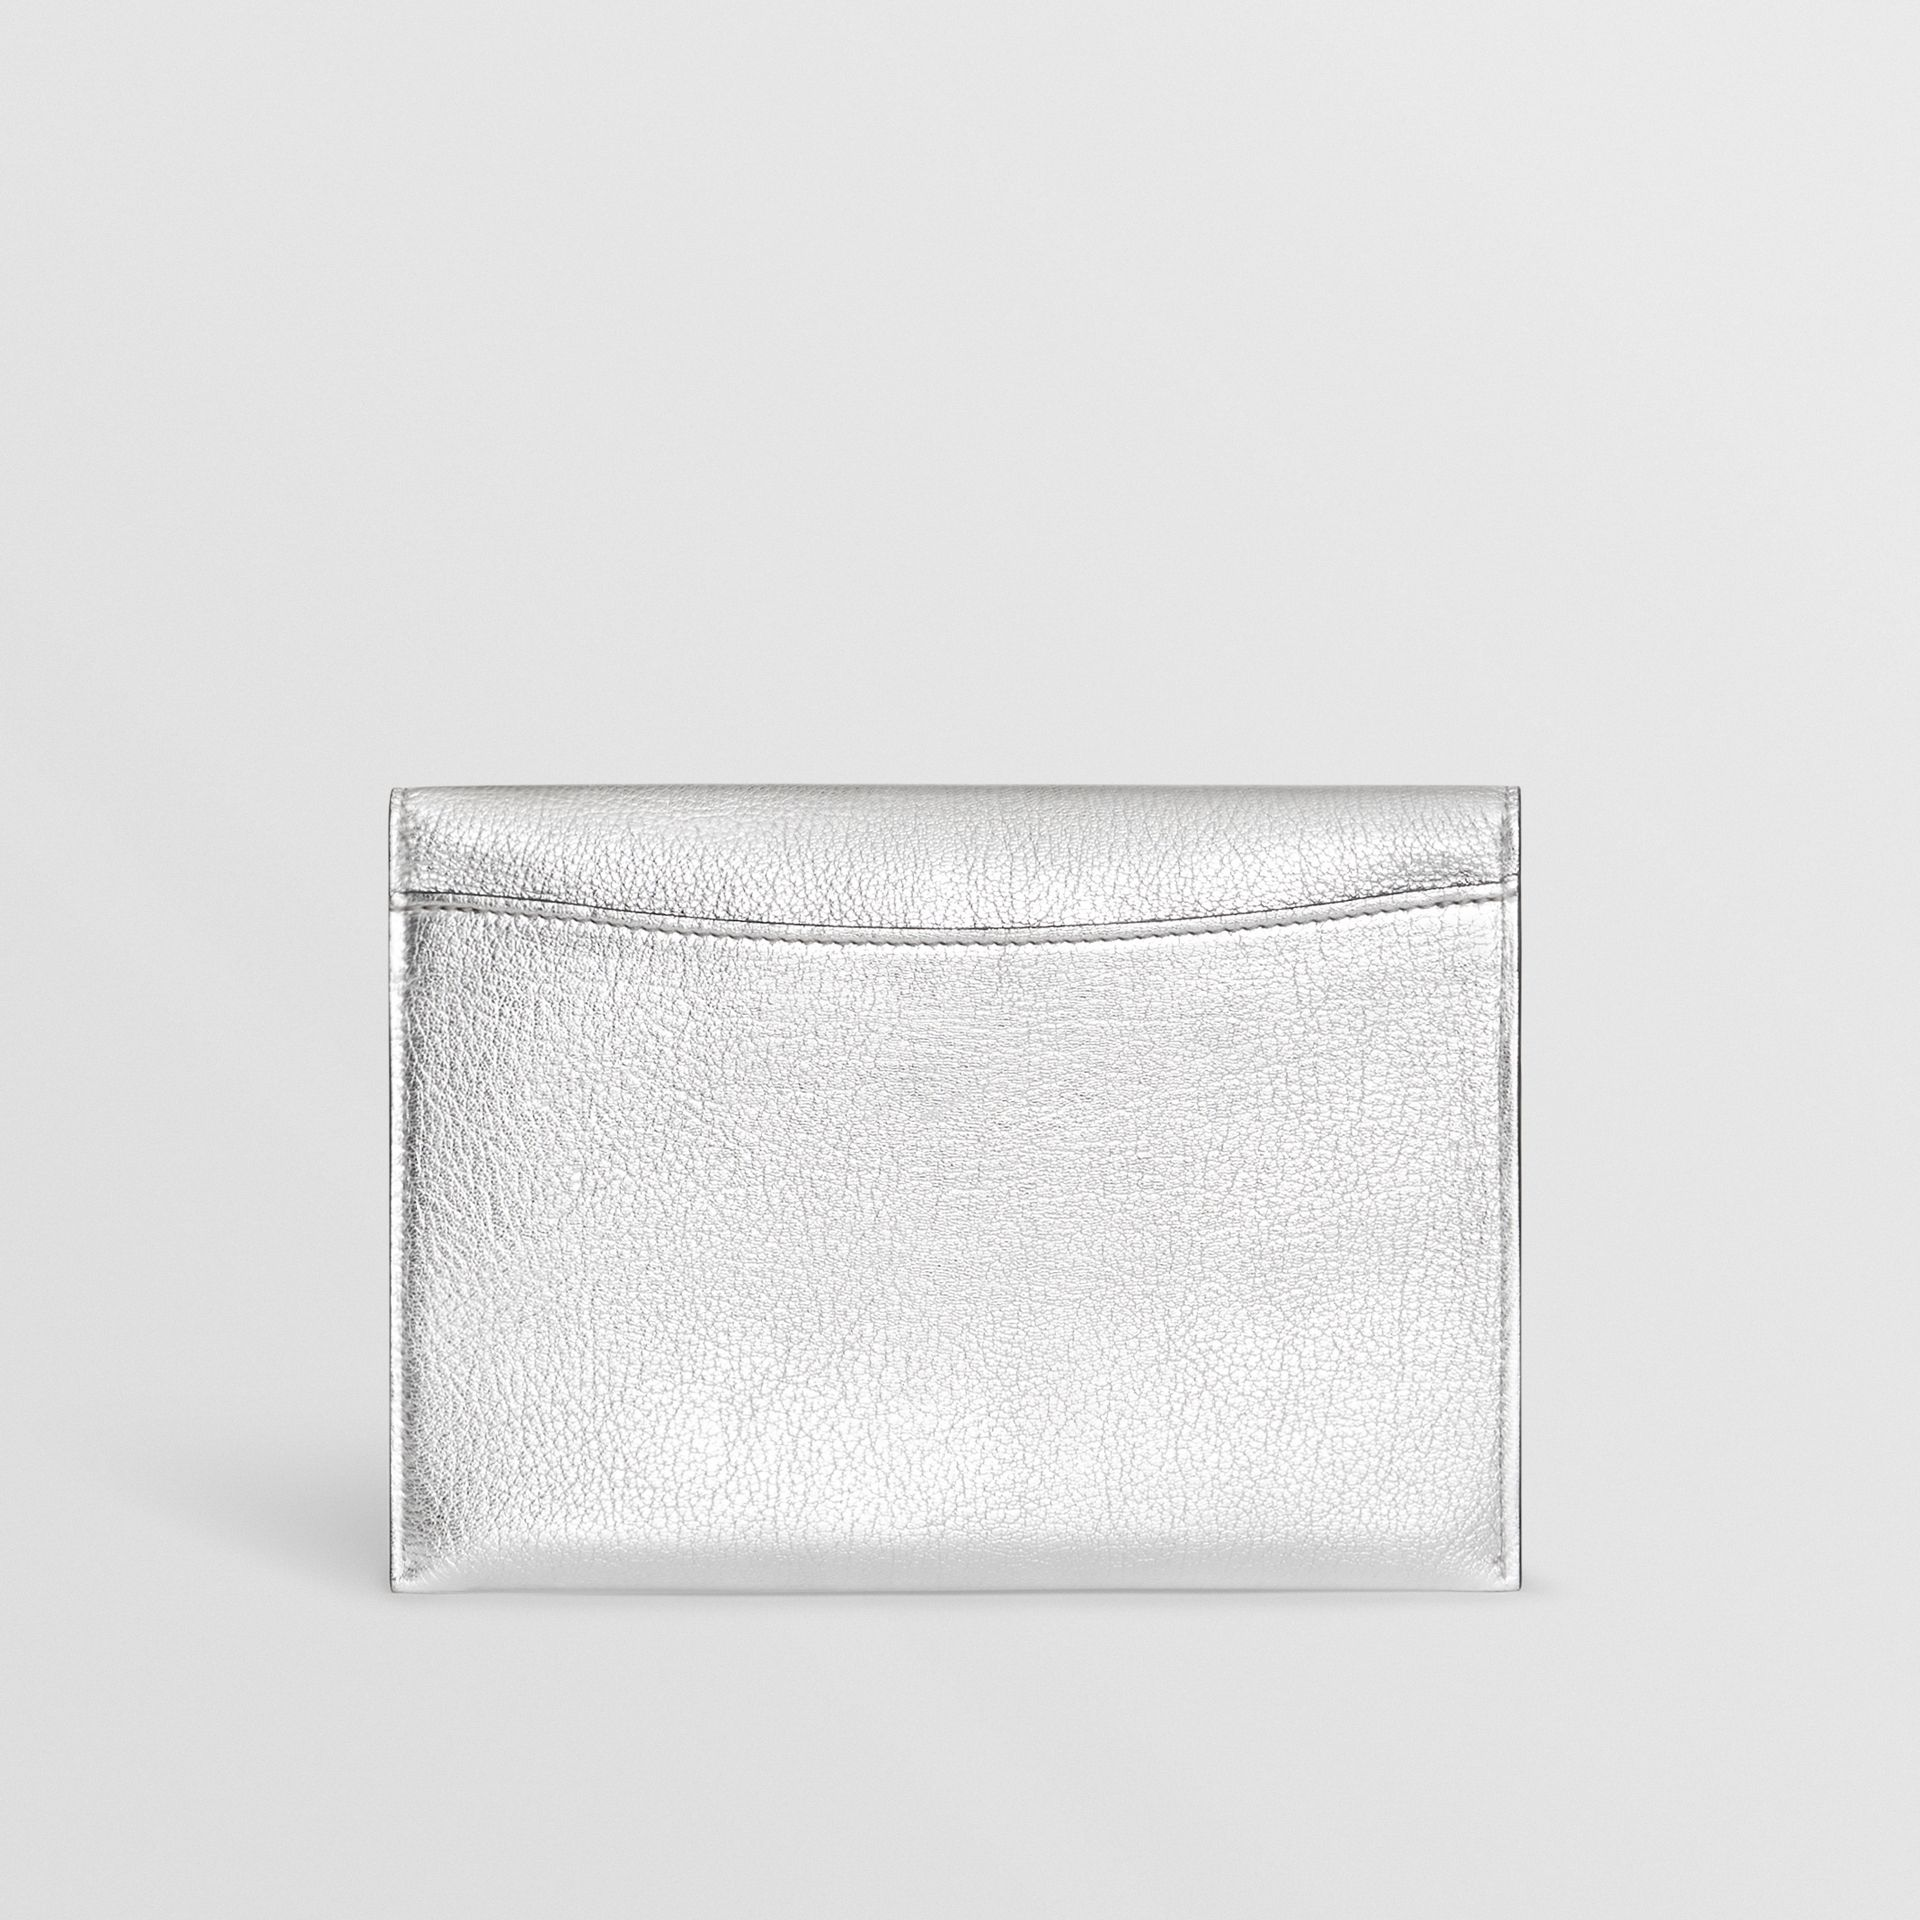 Trousse con portamonete in pelle metallizzata con cerniera e anello a D (Argento) - Donna | Burberry - immagine della galleria 8